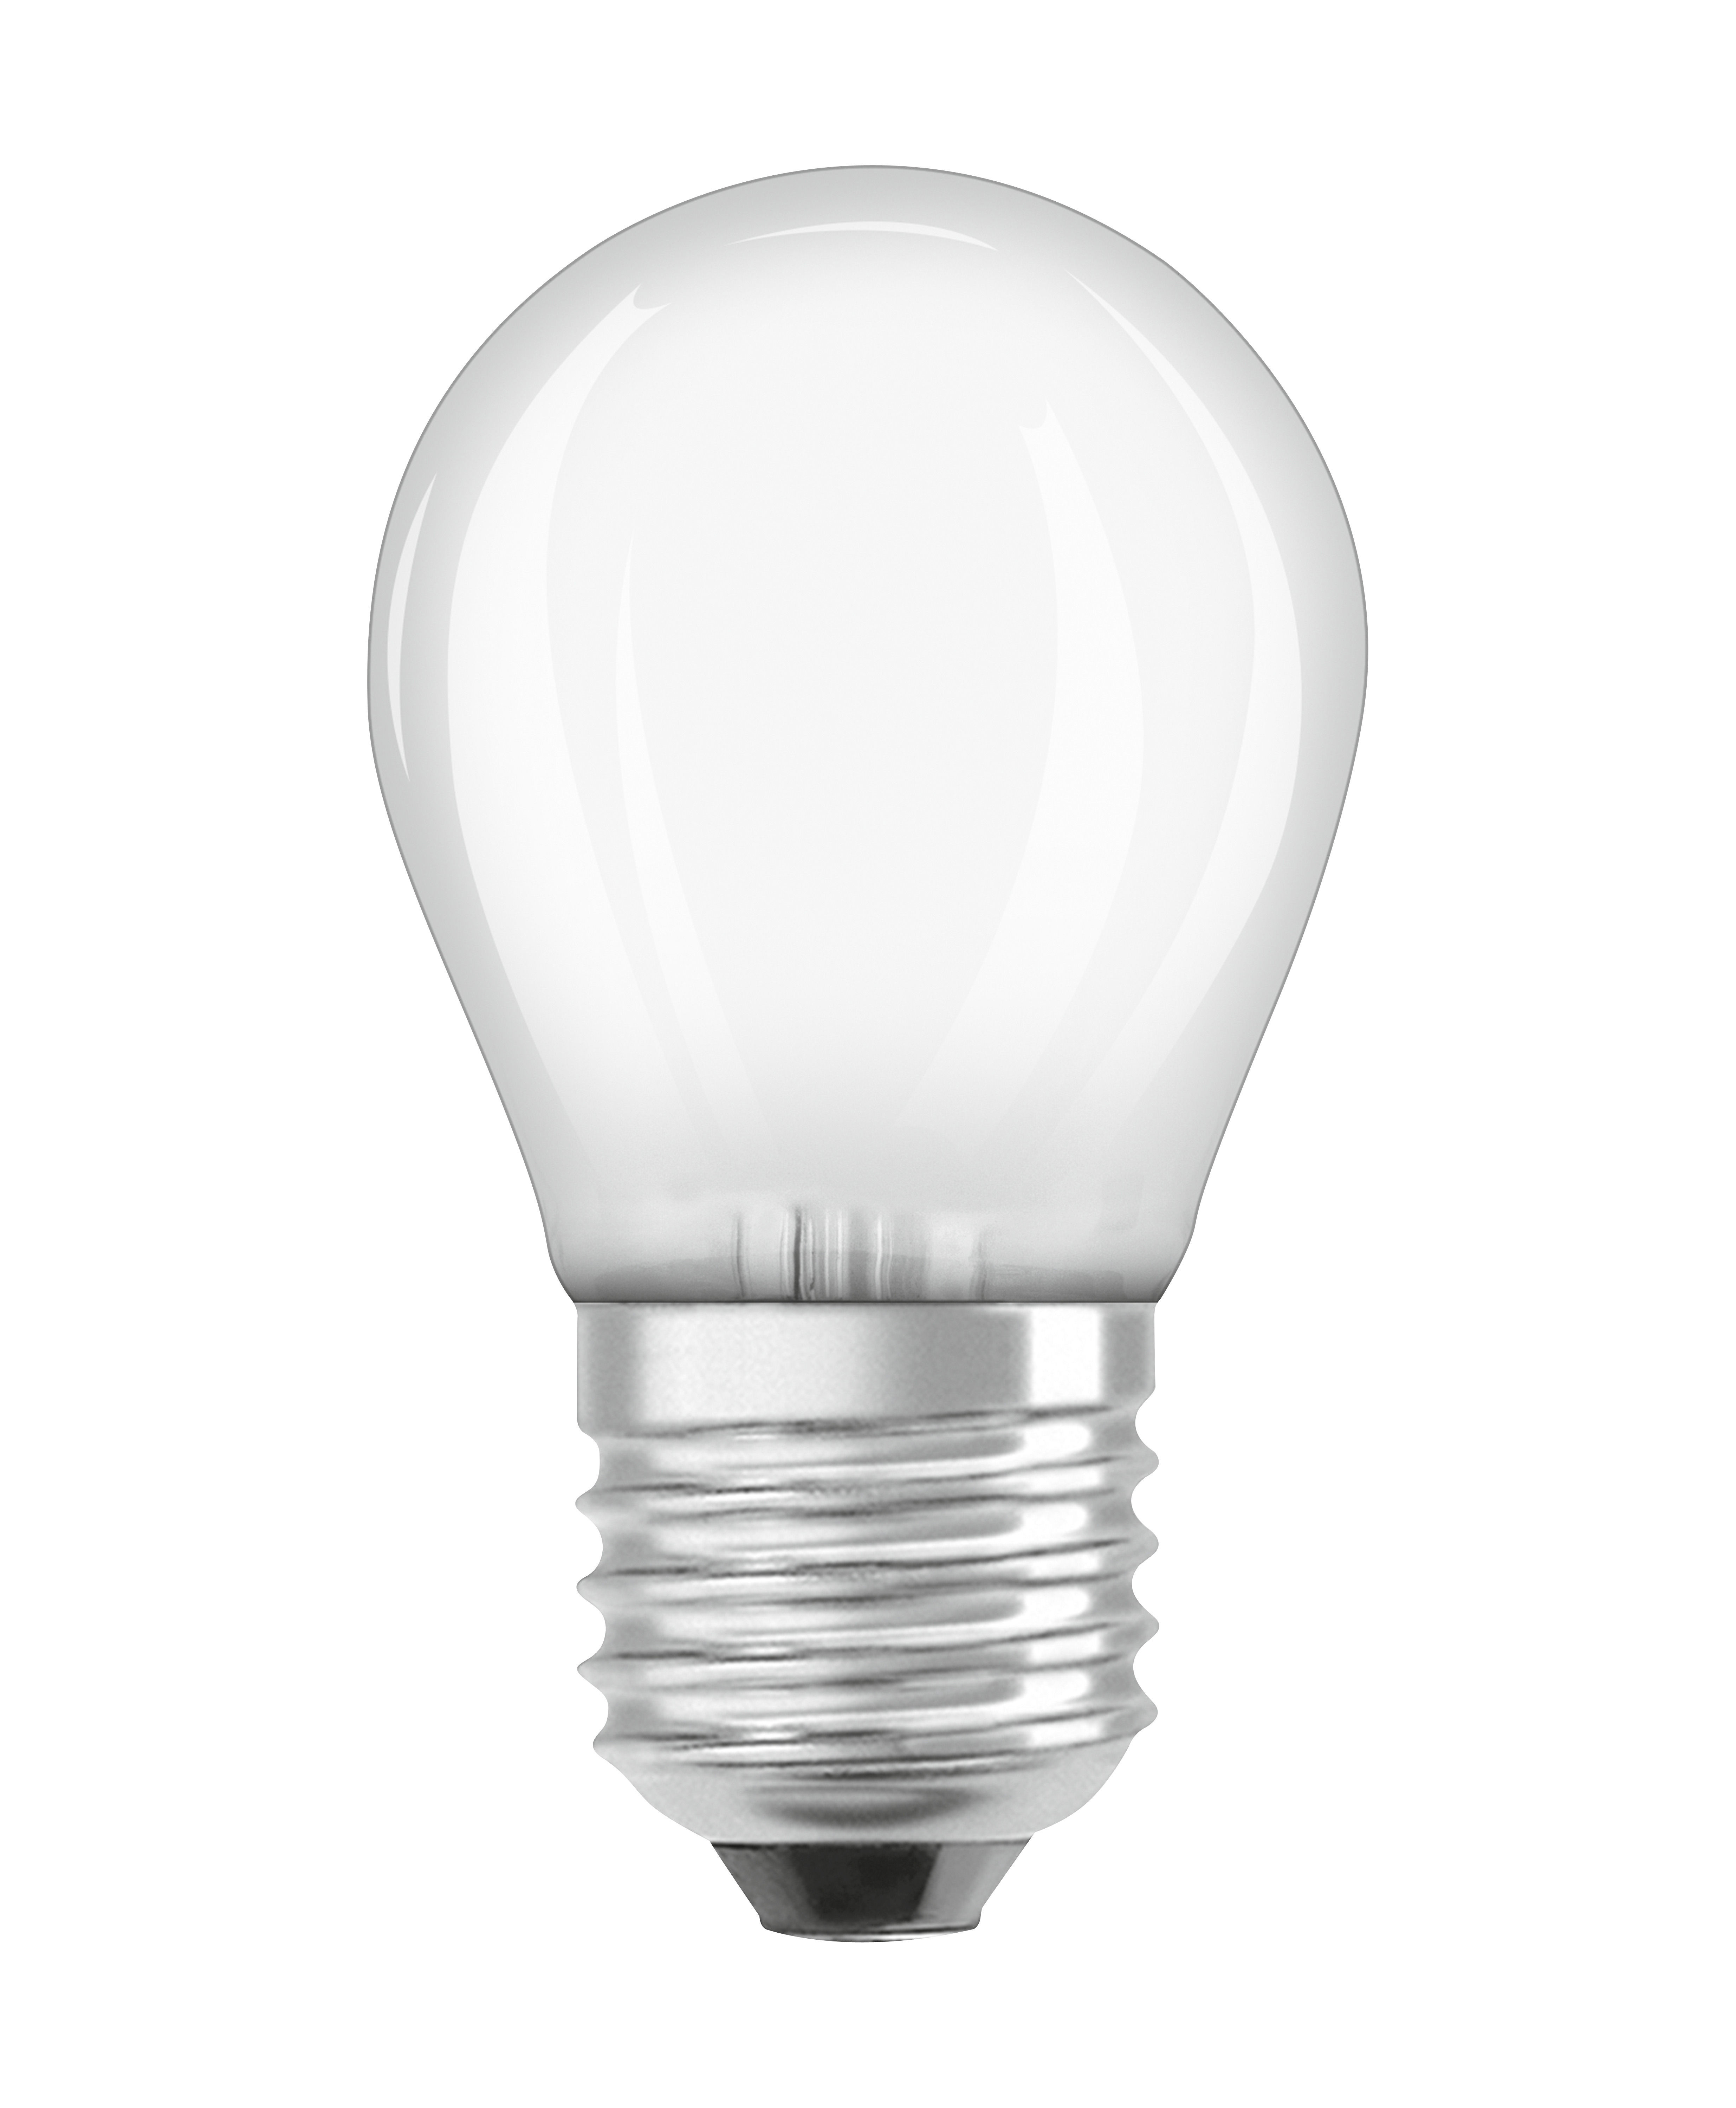 Luminaire - Ampoules et accessoires - Ampoule LED E27 dimmable / Sphérique dépolie - 5W=40W (2700K, blanc chaud) - Osram - 5W=40W - Verre